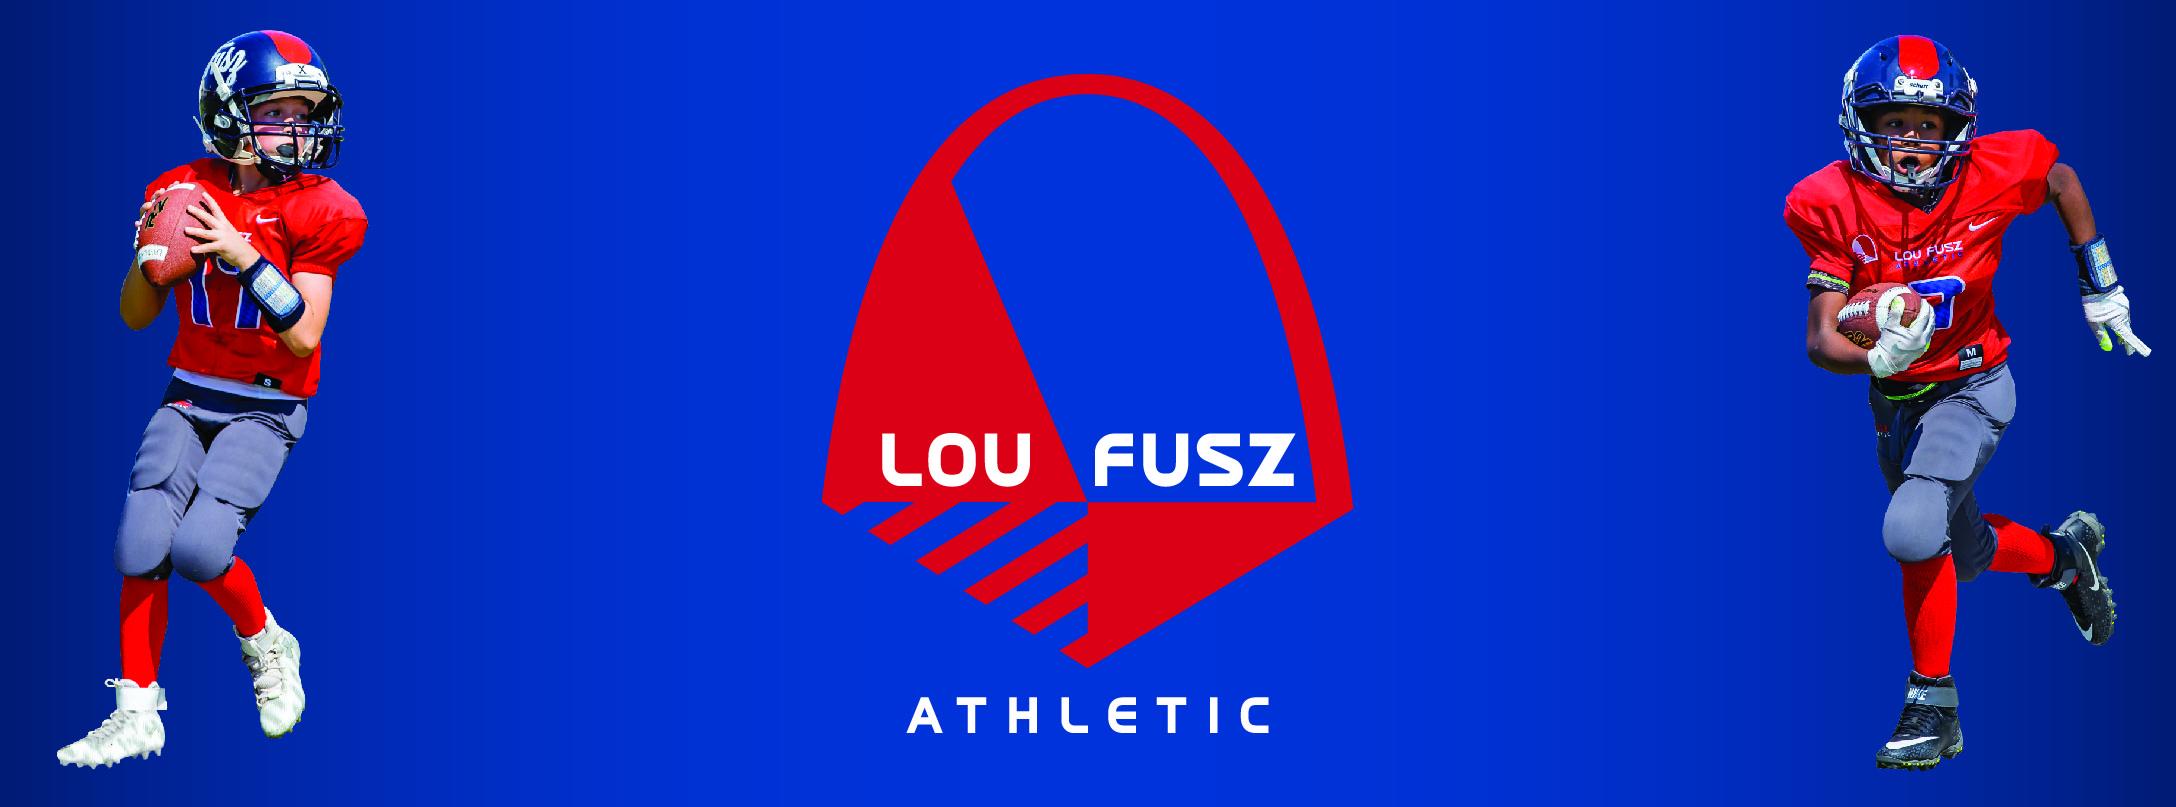 WebsiteGraphics2019-Football_facebook banner